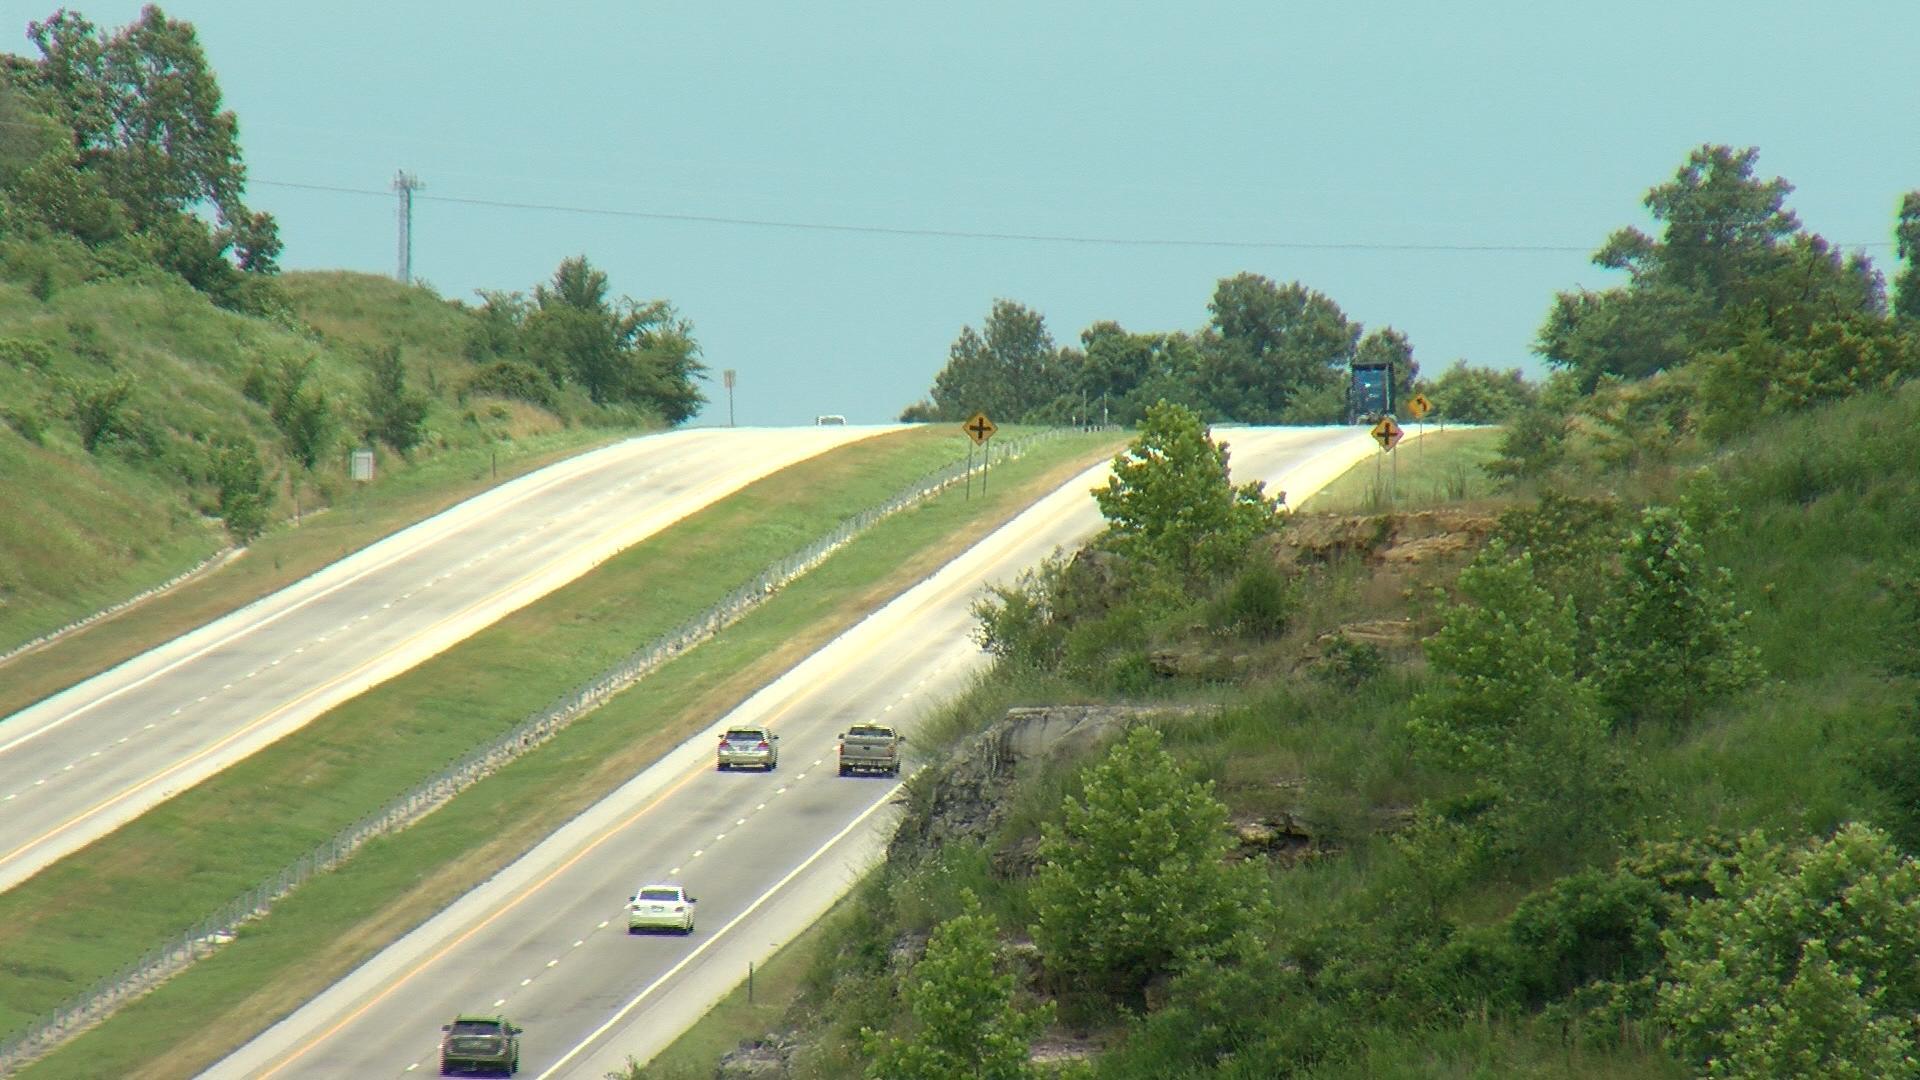 highway pic_1498518920210.jpg